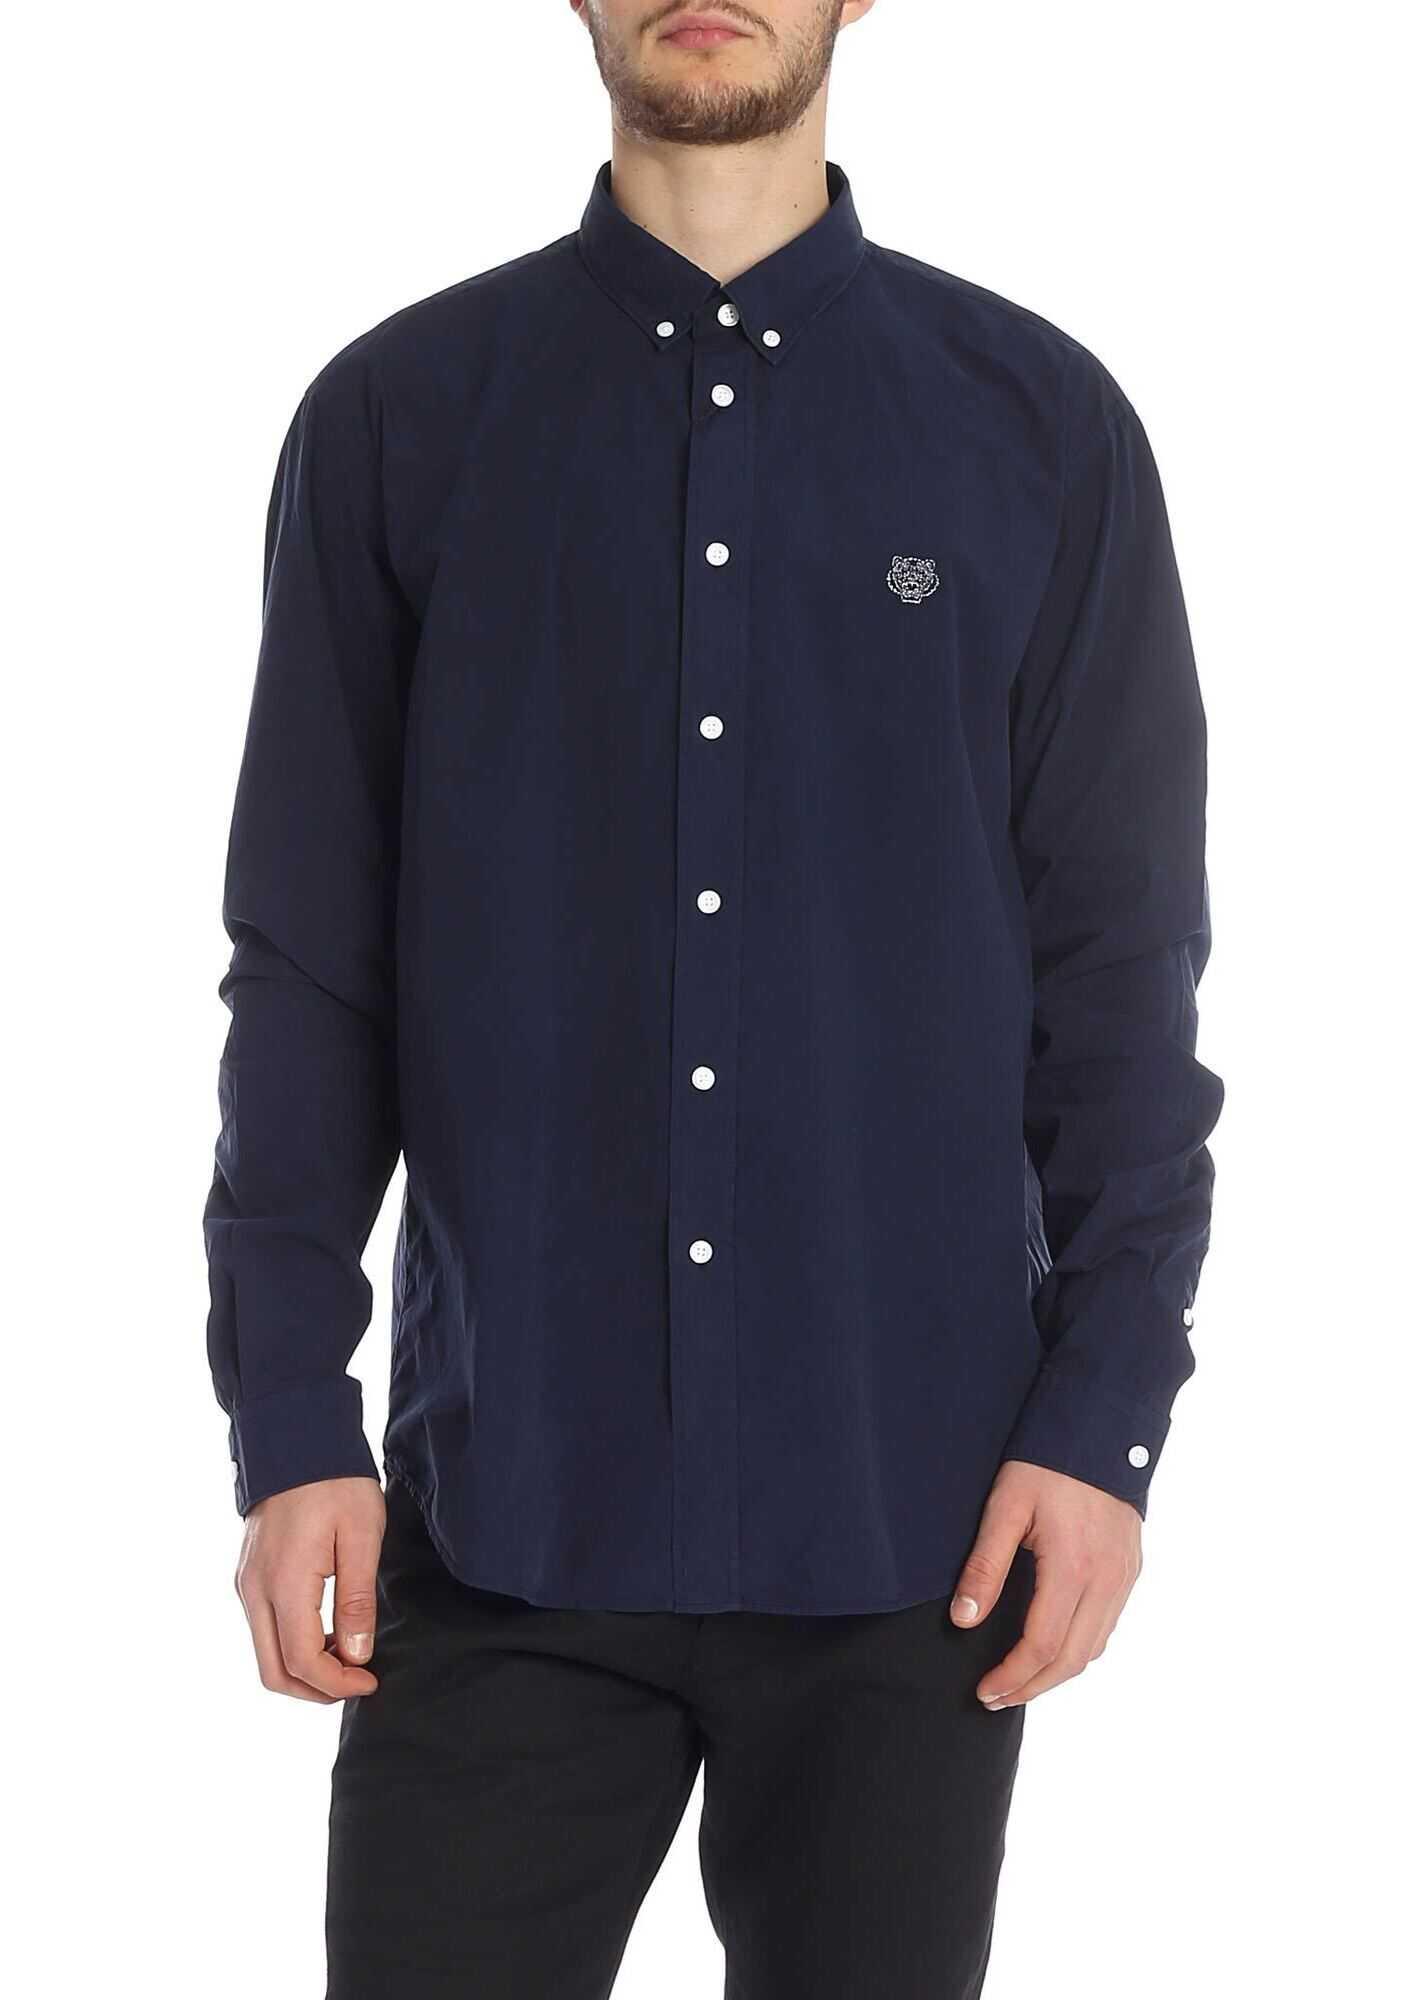 Kenzo Blue Tiger Crest Embroidered Shirt Blue imagine